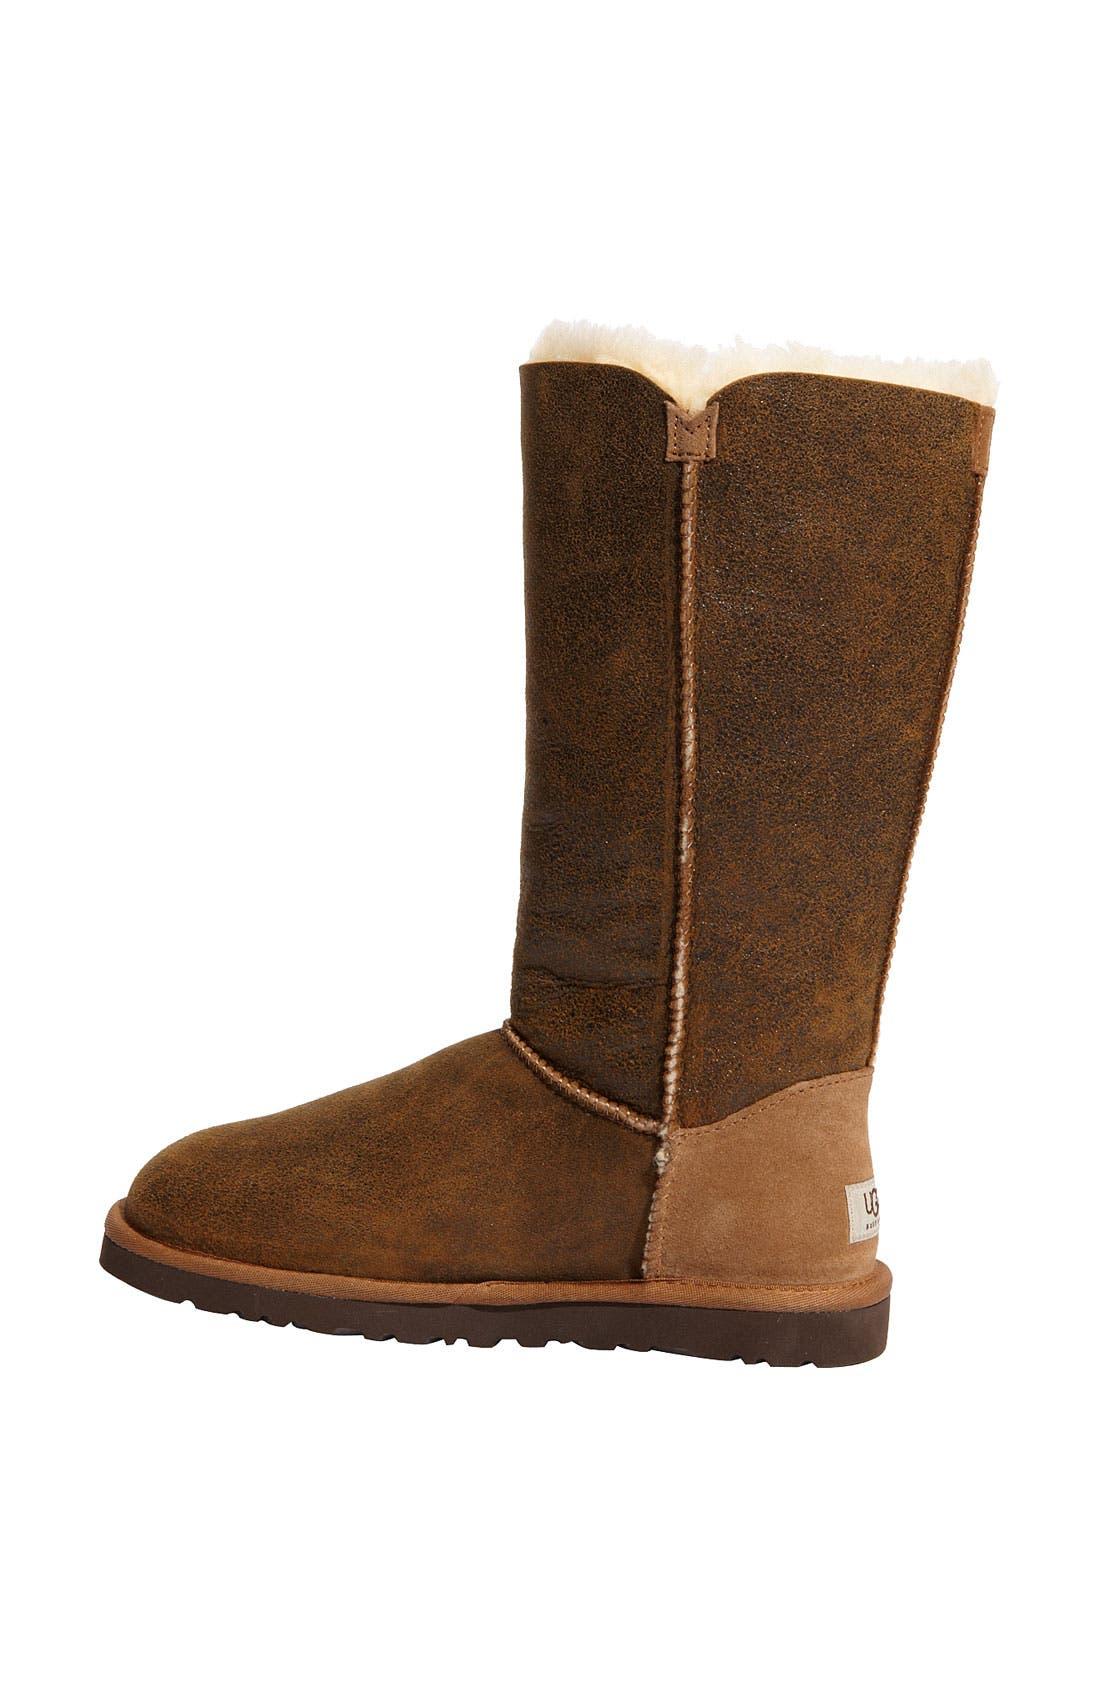 Alternate Image 2  - UGG® Australia 'Bailey Button Triplet' Boot (Bomber) (Women)